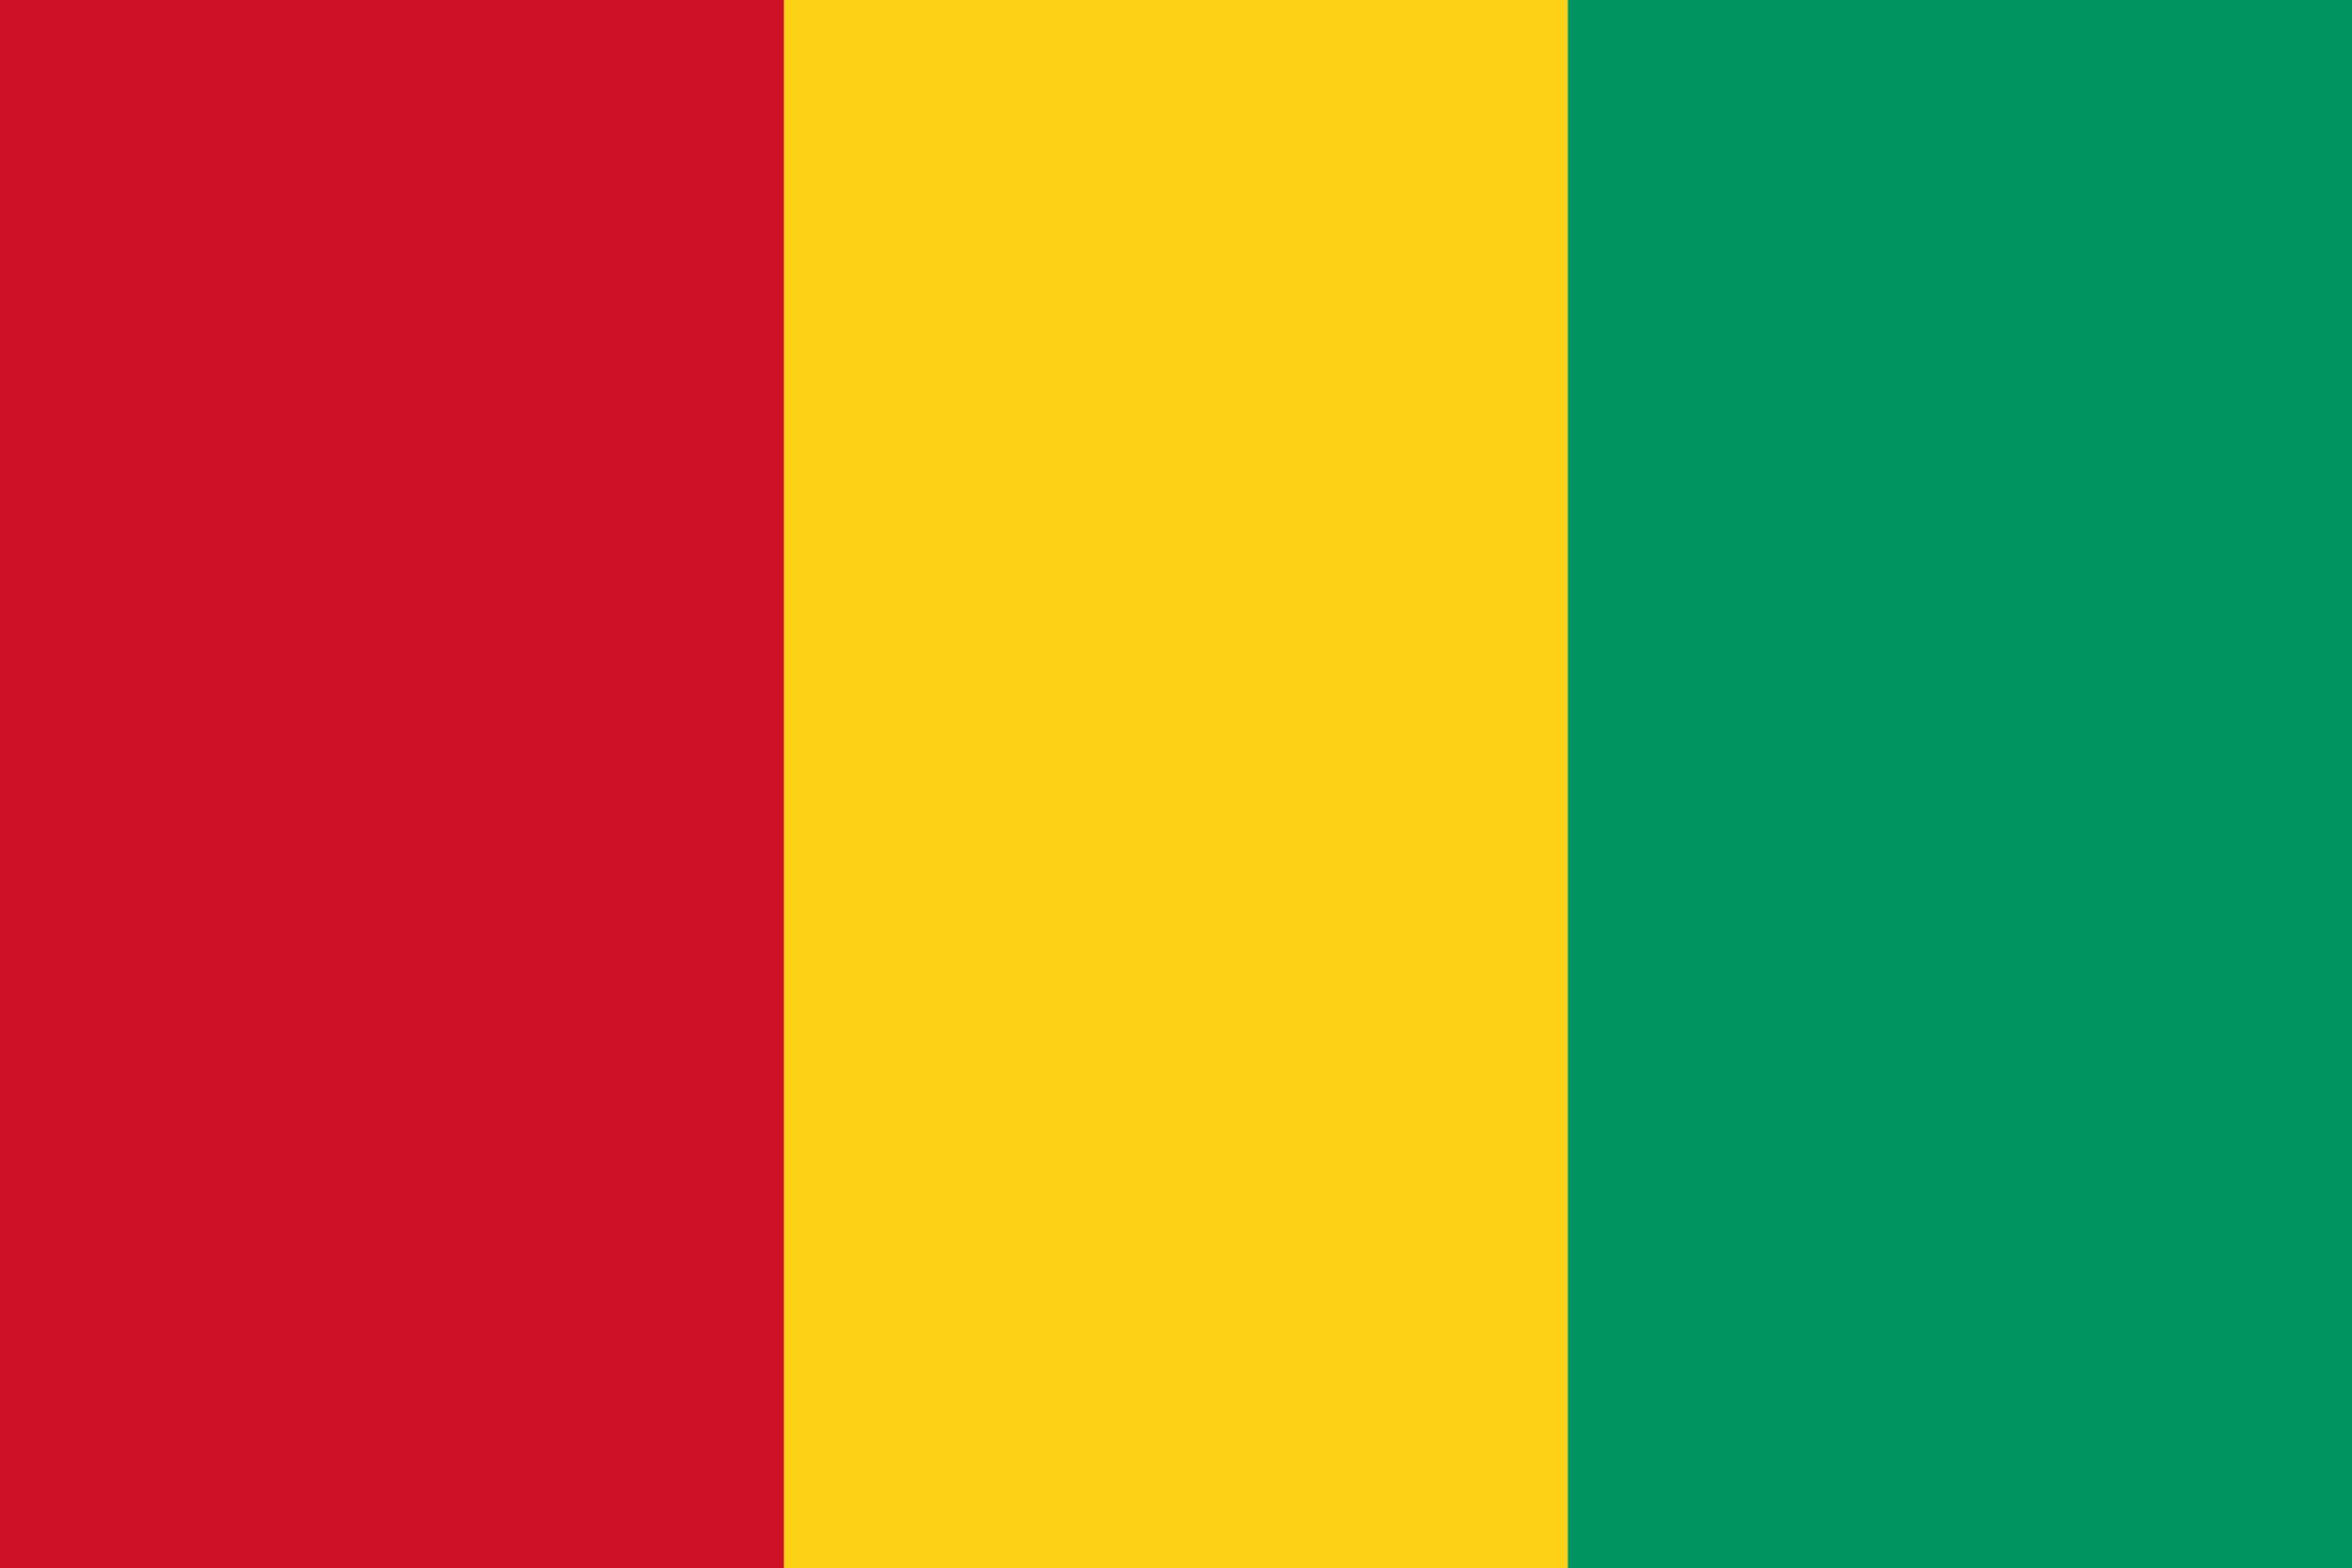 Guinée, pays, emblème, logo, symbole - Fonds d'écran HD - Professor-falken.com